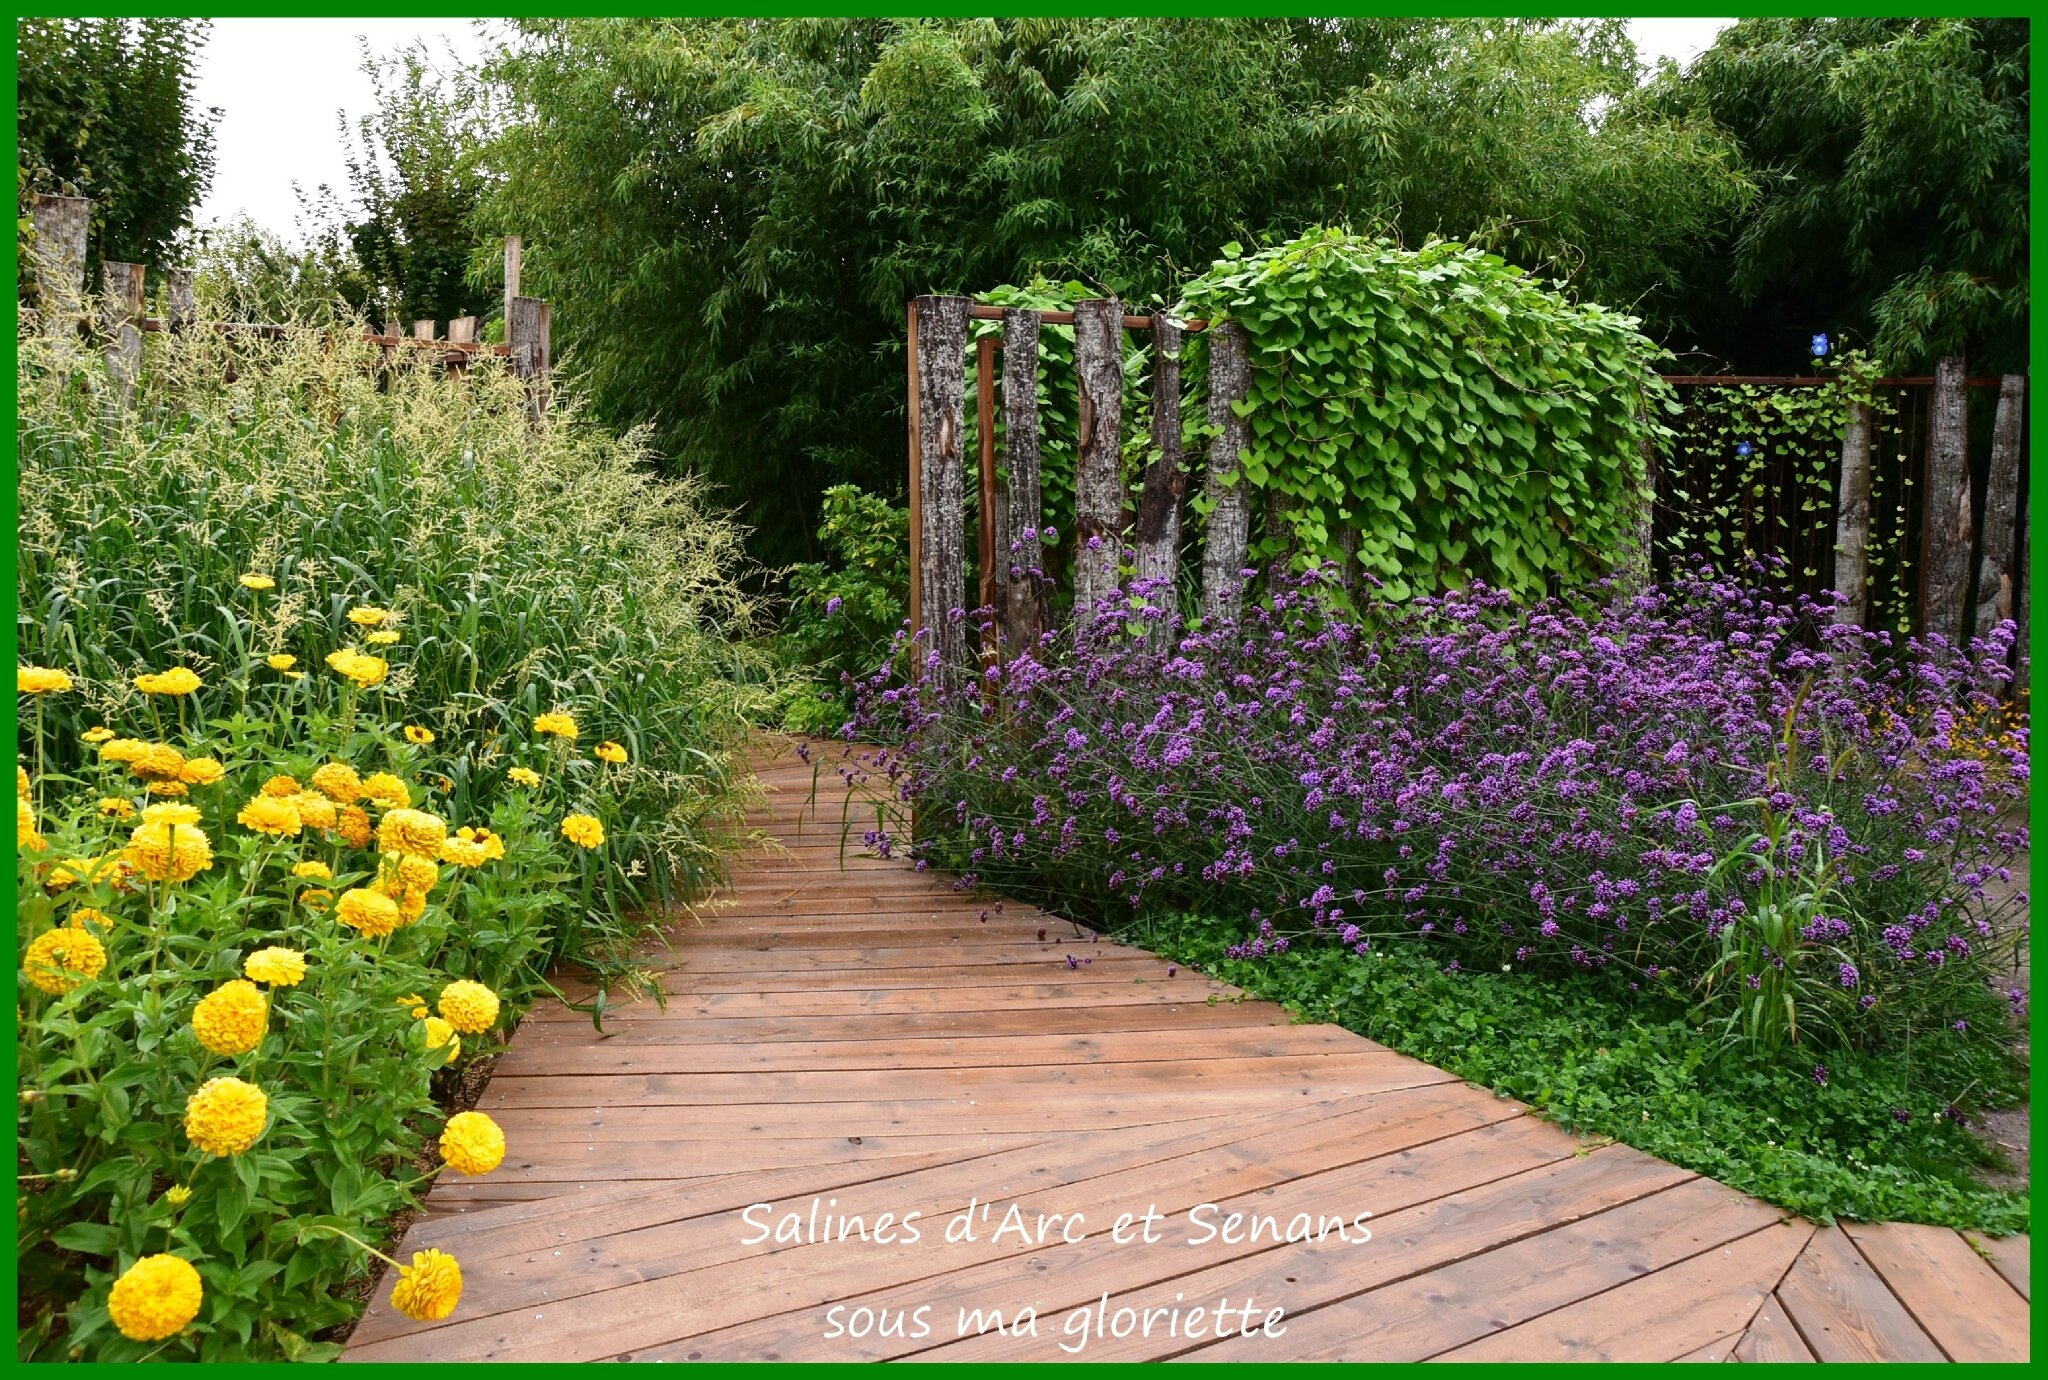 expo tintin dans les jardins de la saline royale d 39 arc et senans sous ma gloriette. Black Bedroom Furniture Sets. Home Design Ideas